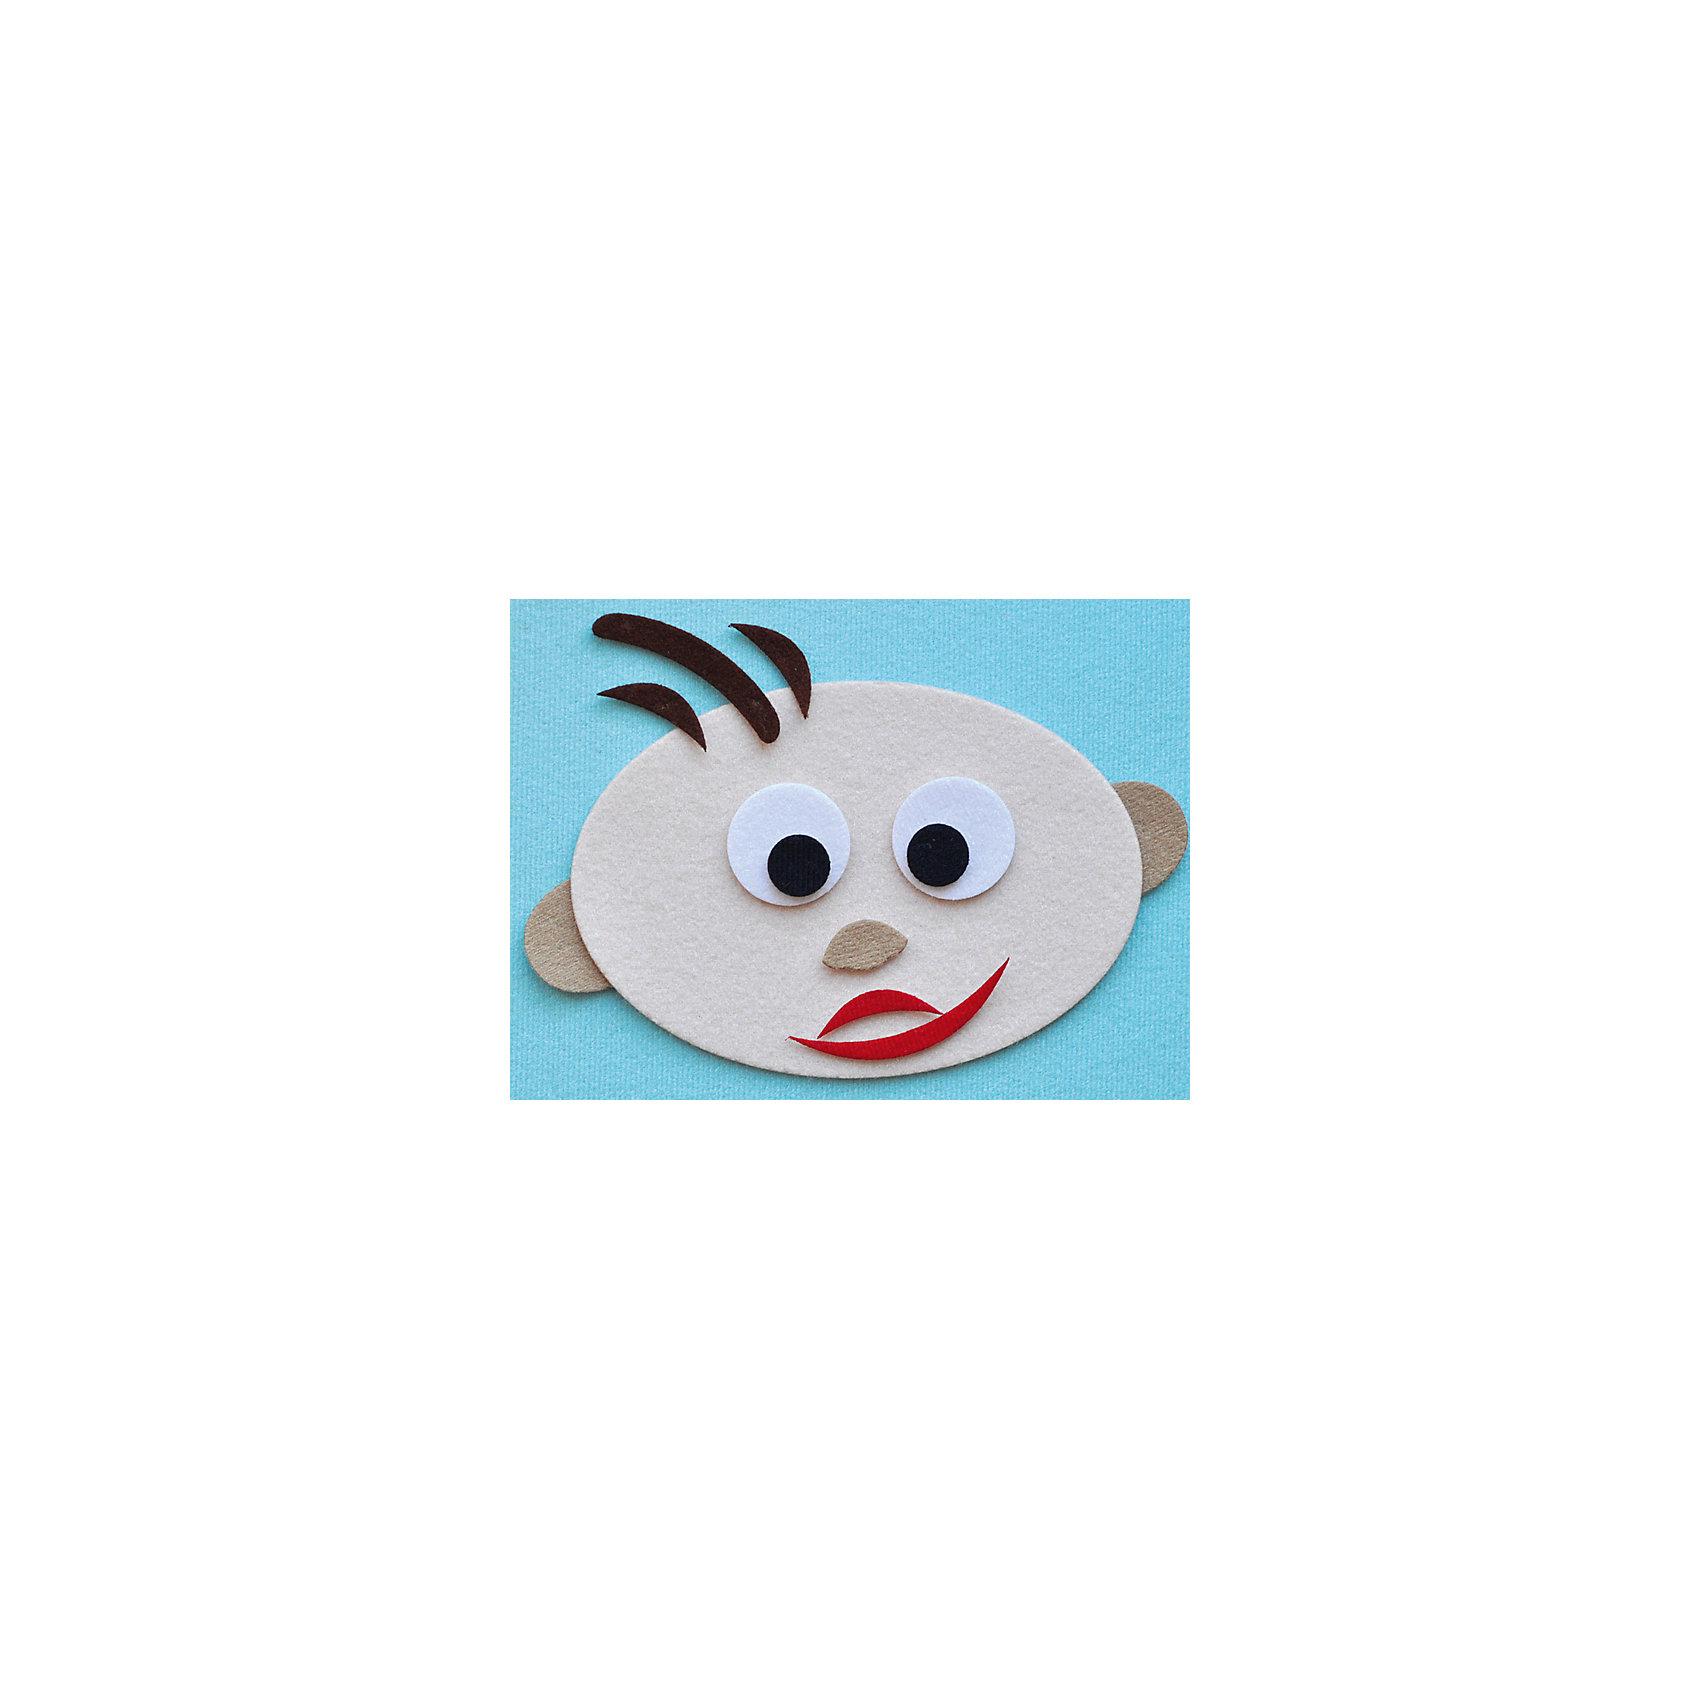 Игра на липучках Стигисмен, StigisСтигисы Стигисмен, Стигис от компании Стигис ТМ – это новое направление в развивающих игрушках для детей. Стигисы выполнены по инновационной технологии, представляющей собой основное поле и набор из фигурок- аппликаций. Элементы крепятся на поле за счет невидимых и безопасных липучек. Все элементы набора выполнены из качественных материалов, которые устойчивы к деформации и изменению цвета. Комплектация набора включает в экран и 17 различных элементов, позволяющих создать лицо человека с различными эмоциями.<br>Стигисы Стигисмен способствуют формированию цветовосприятий, развитию логического и пространственного мышления, обучает узнаванию различных эмоций на лице человека. <br><br>Дополнительная информация:<br><br>- Вид игр: сюжетно-ролевые игры, развивающие<br>- Предназначение: для дома, для детских садов, для развивающих центров<br>- Материал: текстиль<br>- Комплектация: экран 30*21 см, 17 фигурок<br>- Размер упаковки (ДхШхВ): 30*21,5*5 см<br>- Вес: 140 г<br>- Особенности ухода: допускается сухая чистка<br><br>Подробнее:<br><br>• Для детей в возрасте: от 2 лет и до 7 лет <br>• Страна производитель: Россия<br>• Торговый бренд: Стигис ТМ<br><br>Стигисы Стигисмен, Стигис можно купить в нашем интернет-магазине.<br><br>Ширина мм: 300<br>Глубина мм: 215<br>Высота мм: 5<br>Вес г: 140<br>Возраст от месяцев: 24<br>Возраст до месяцев: 120<br>Пол: Унисекс<br>Возраст: Детский<br>SKU: 4936348